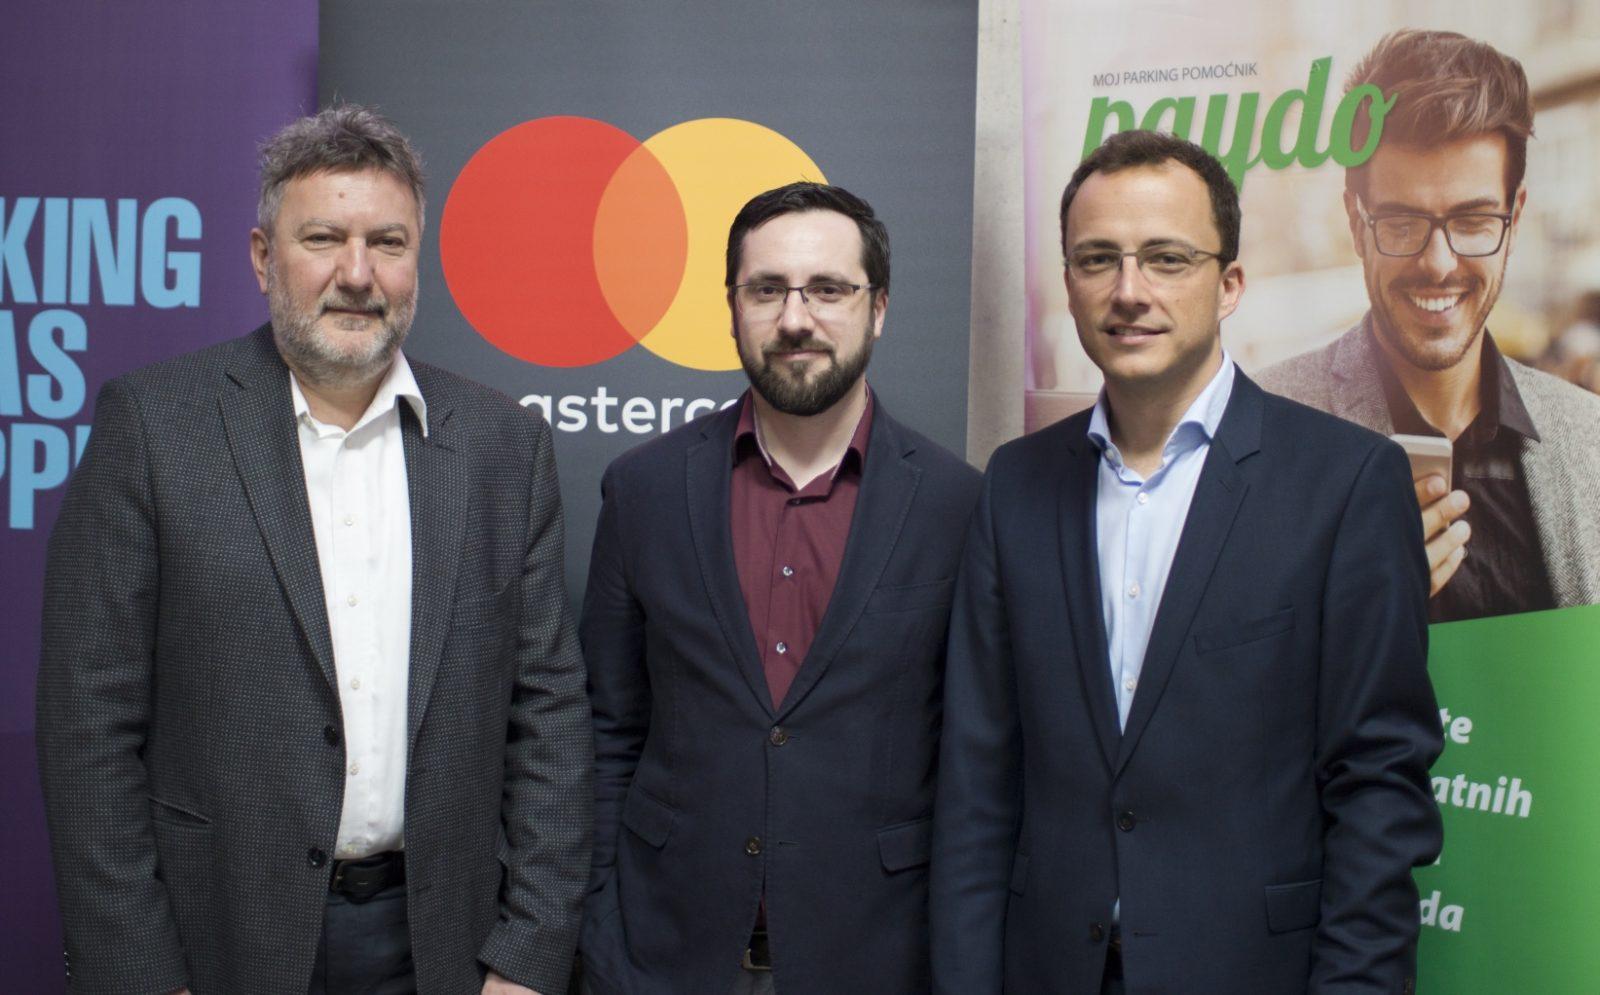 PayDo: Najefikasnije plaćanje parkinga za pametne gradove